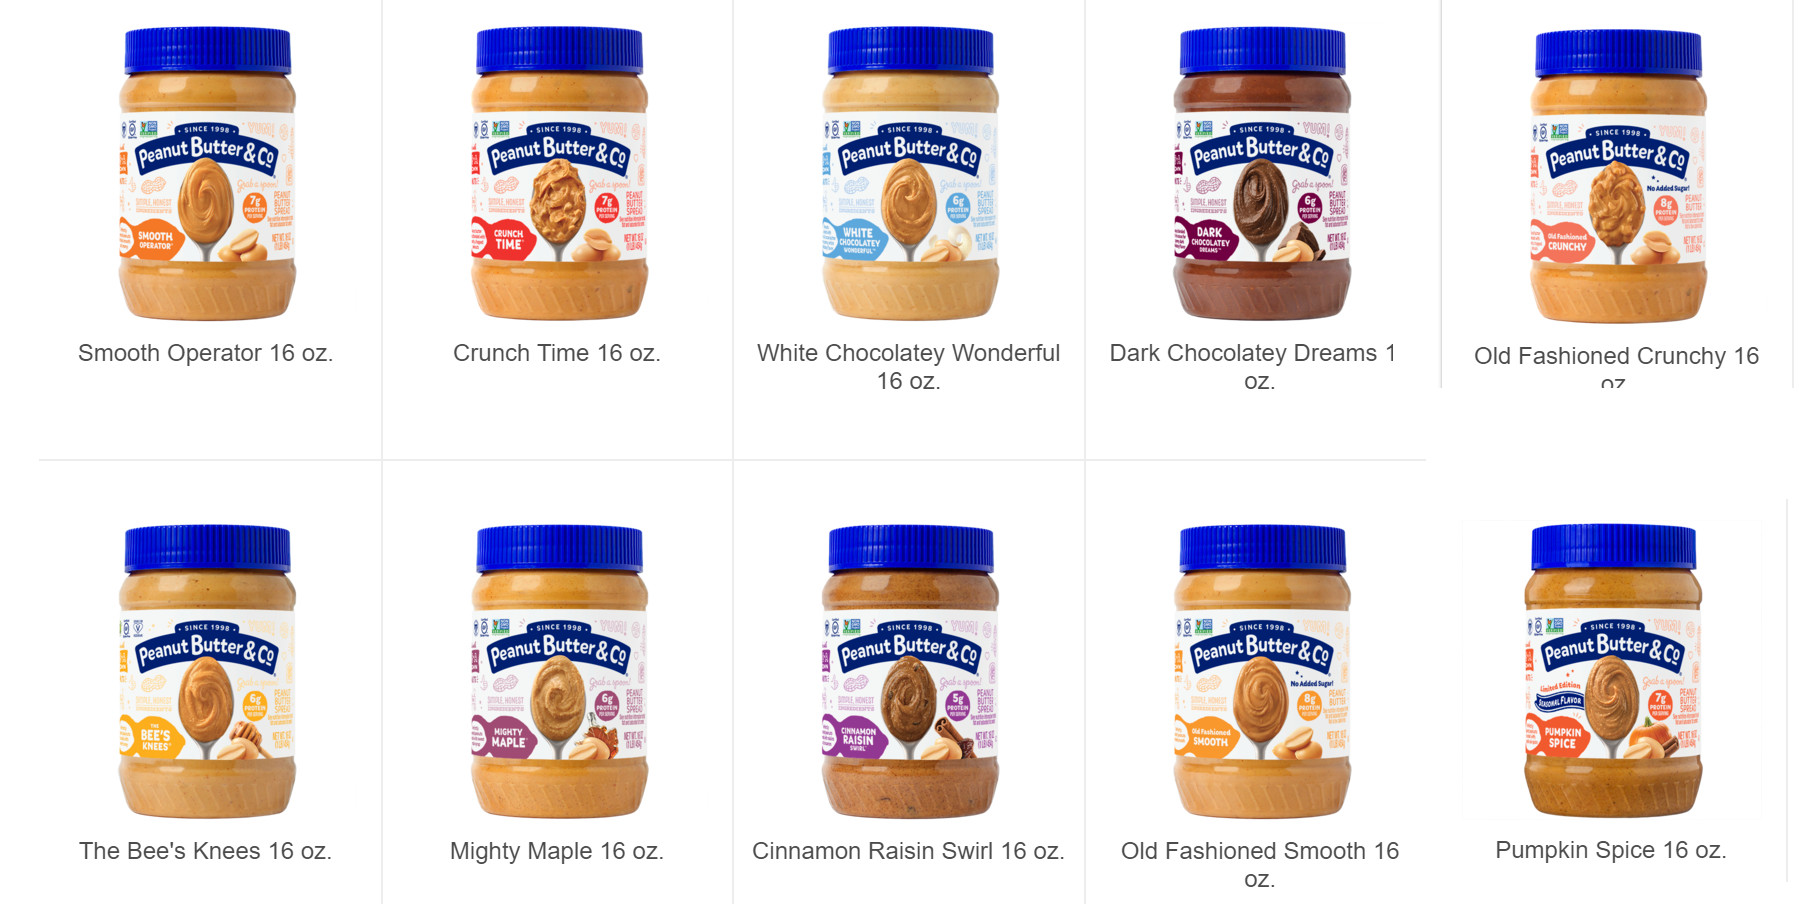 Peanut Butter & Co ピーナッツバターの種類